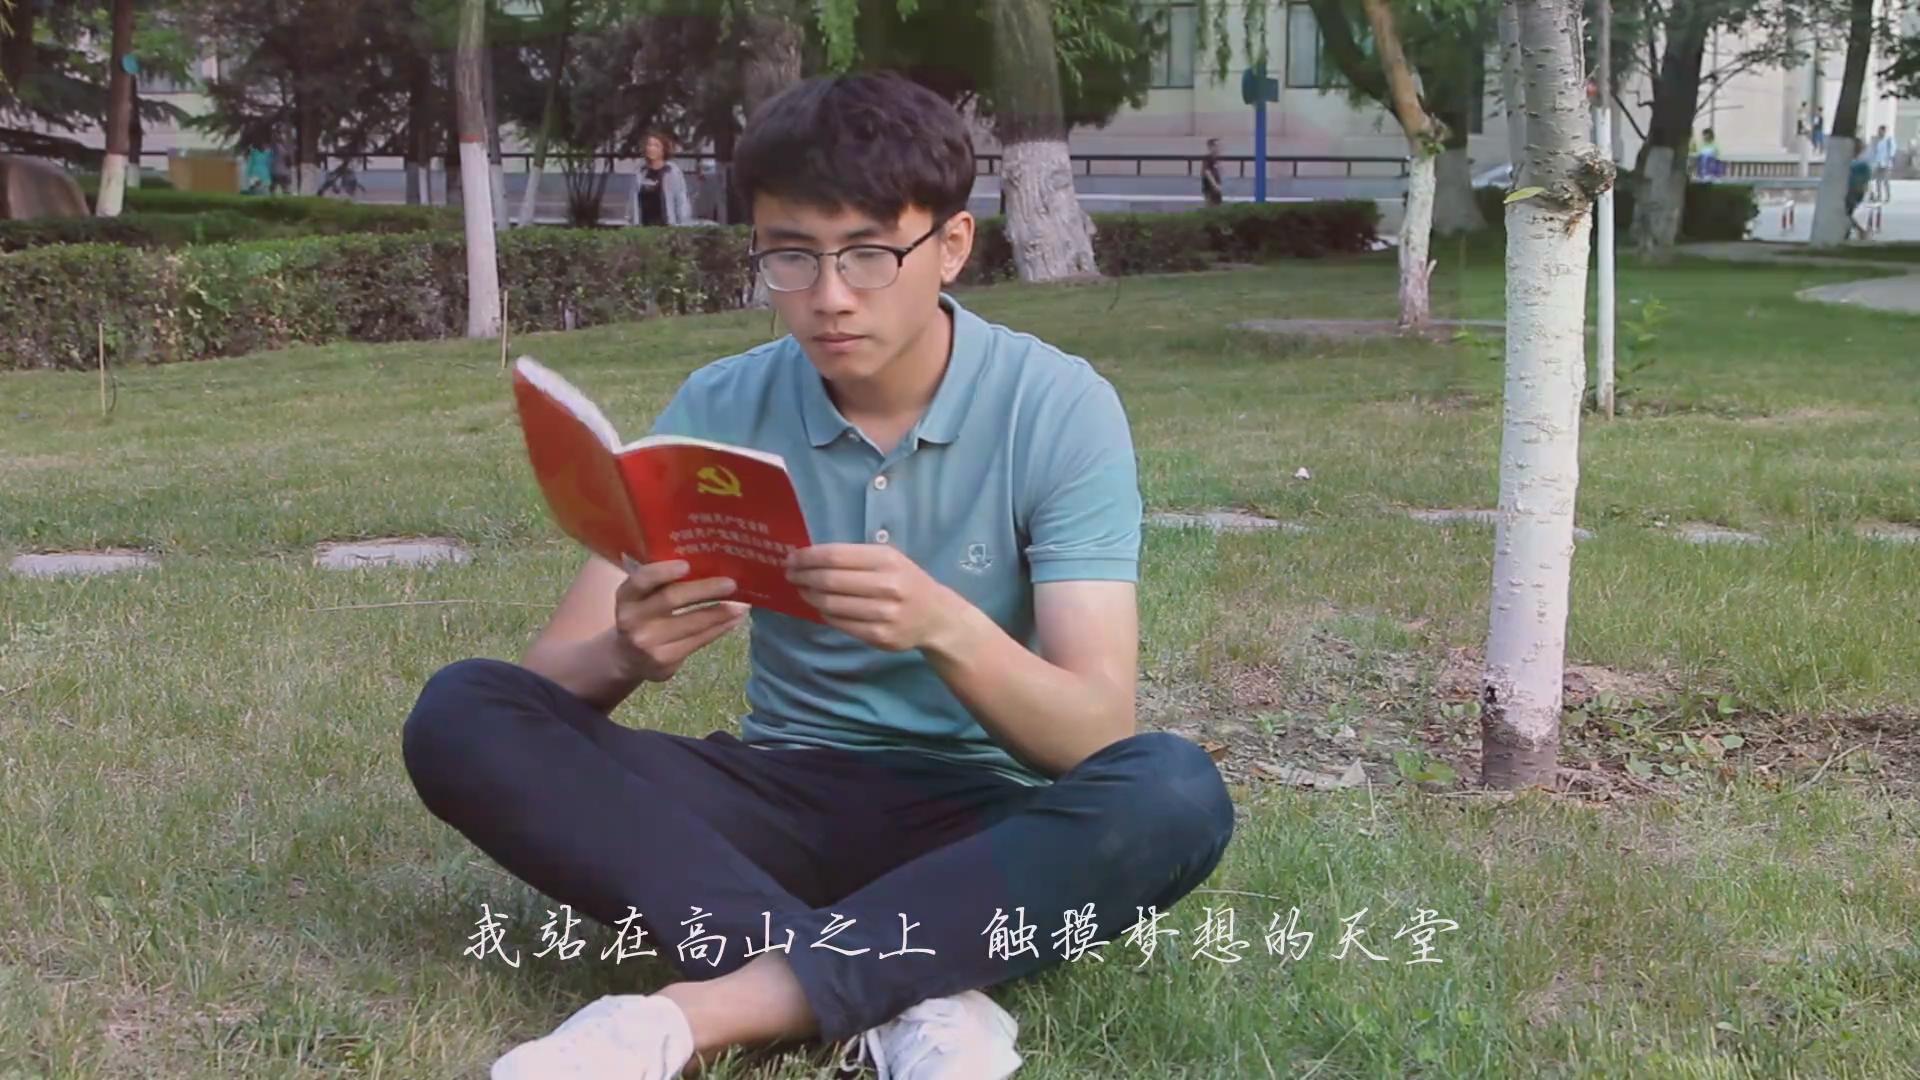 兰州大学原创歌曲《青春中国梦》MV_2016621101843.JPG